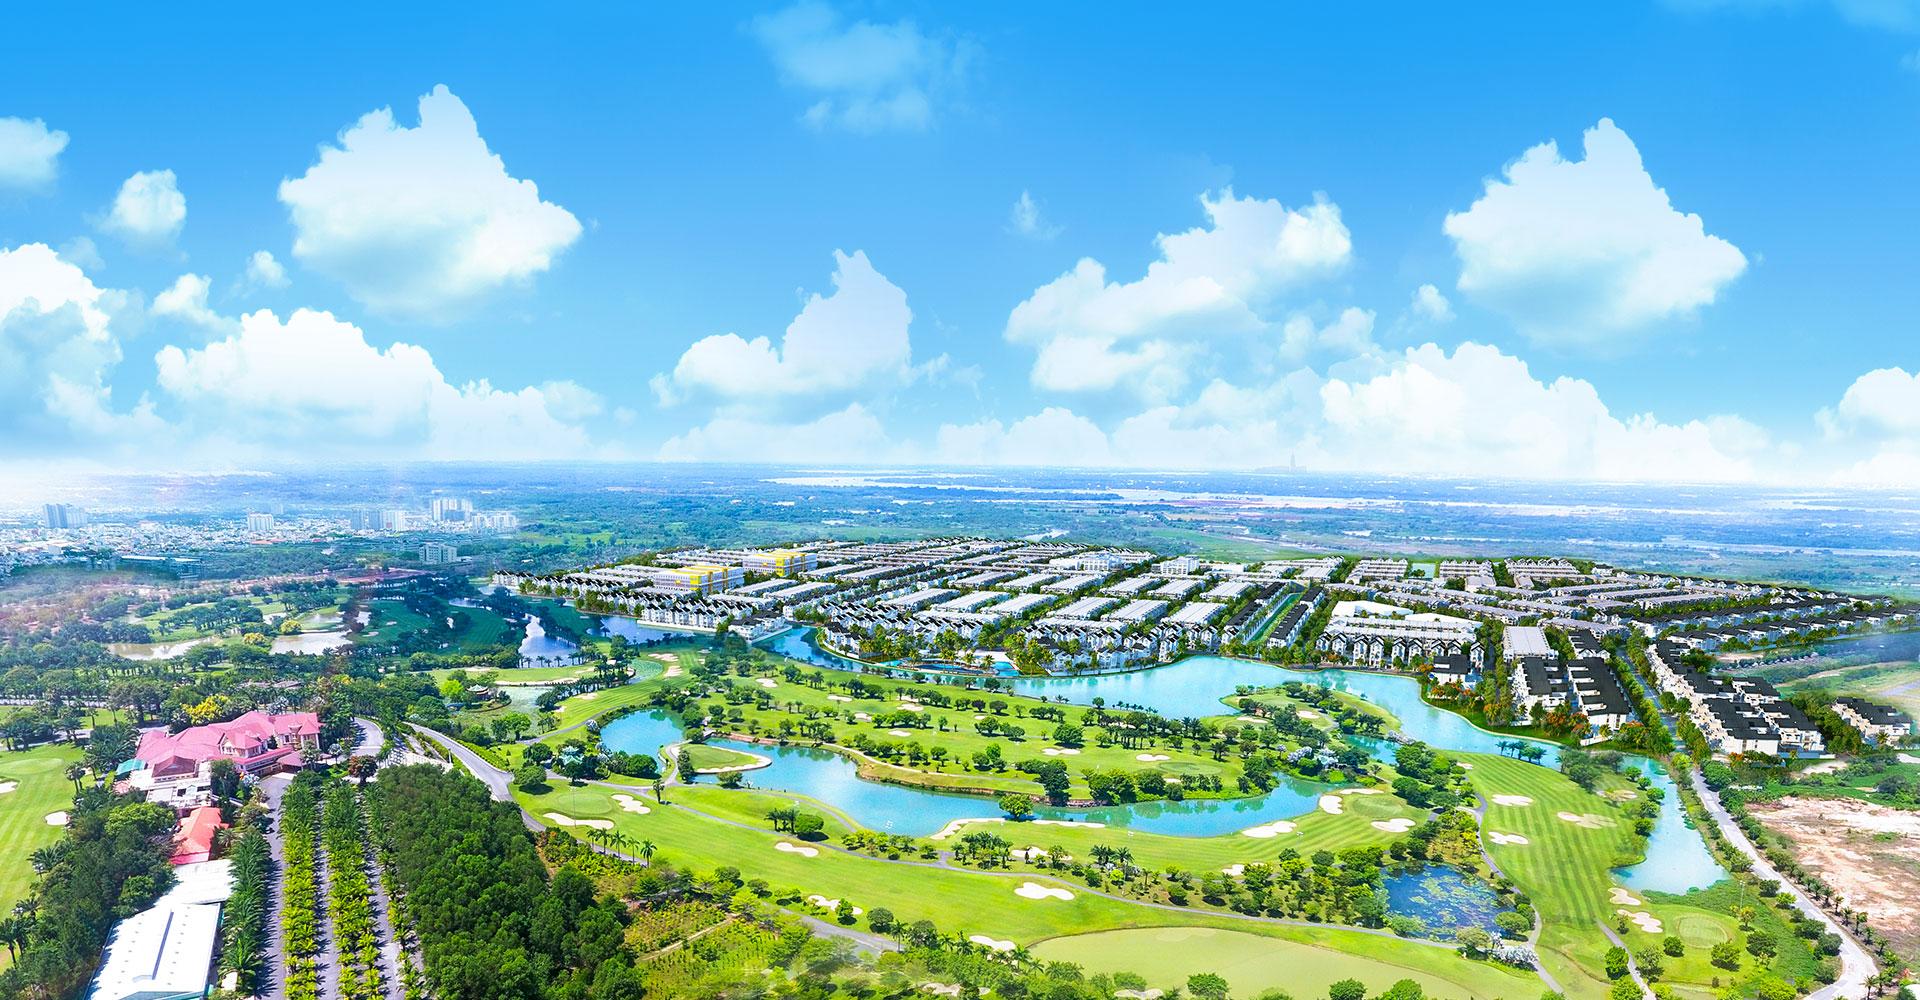 hình ảnh thực tế dự án biên hoà new city